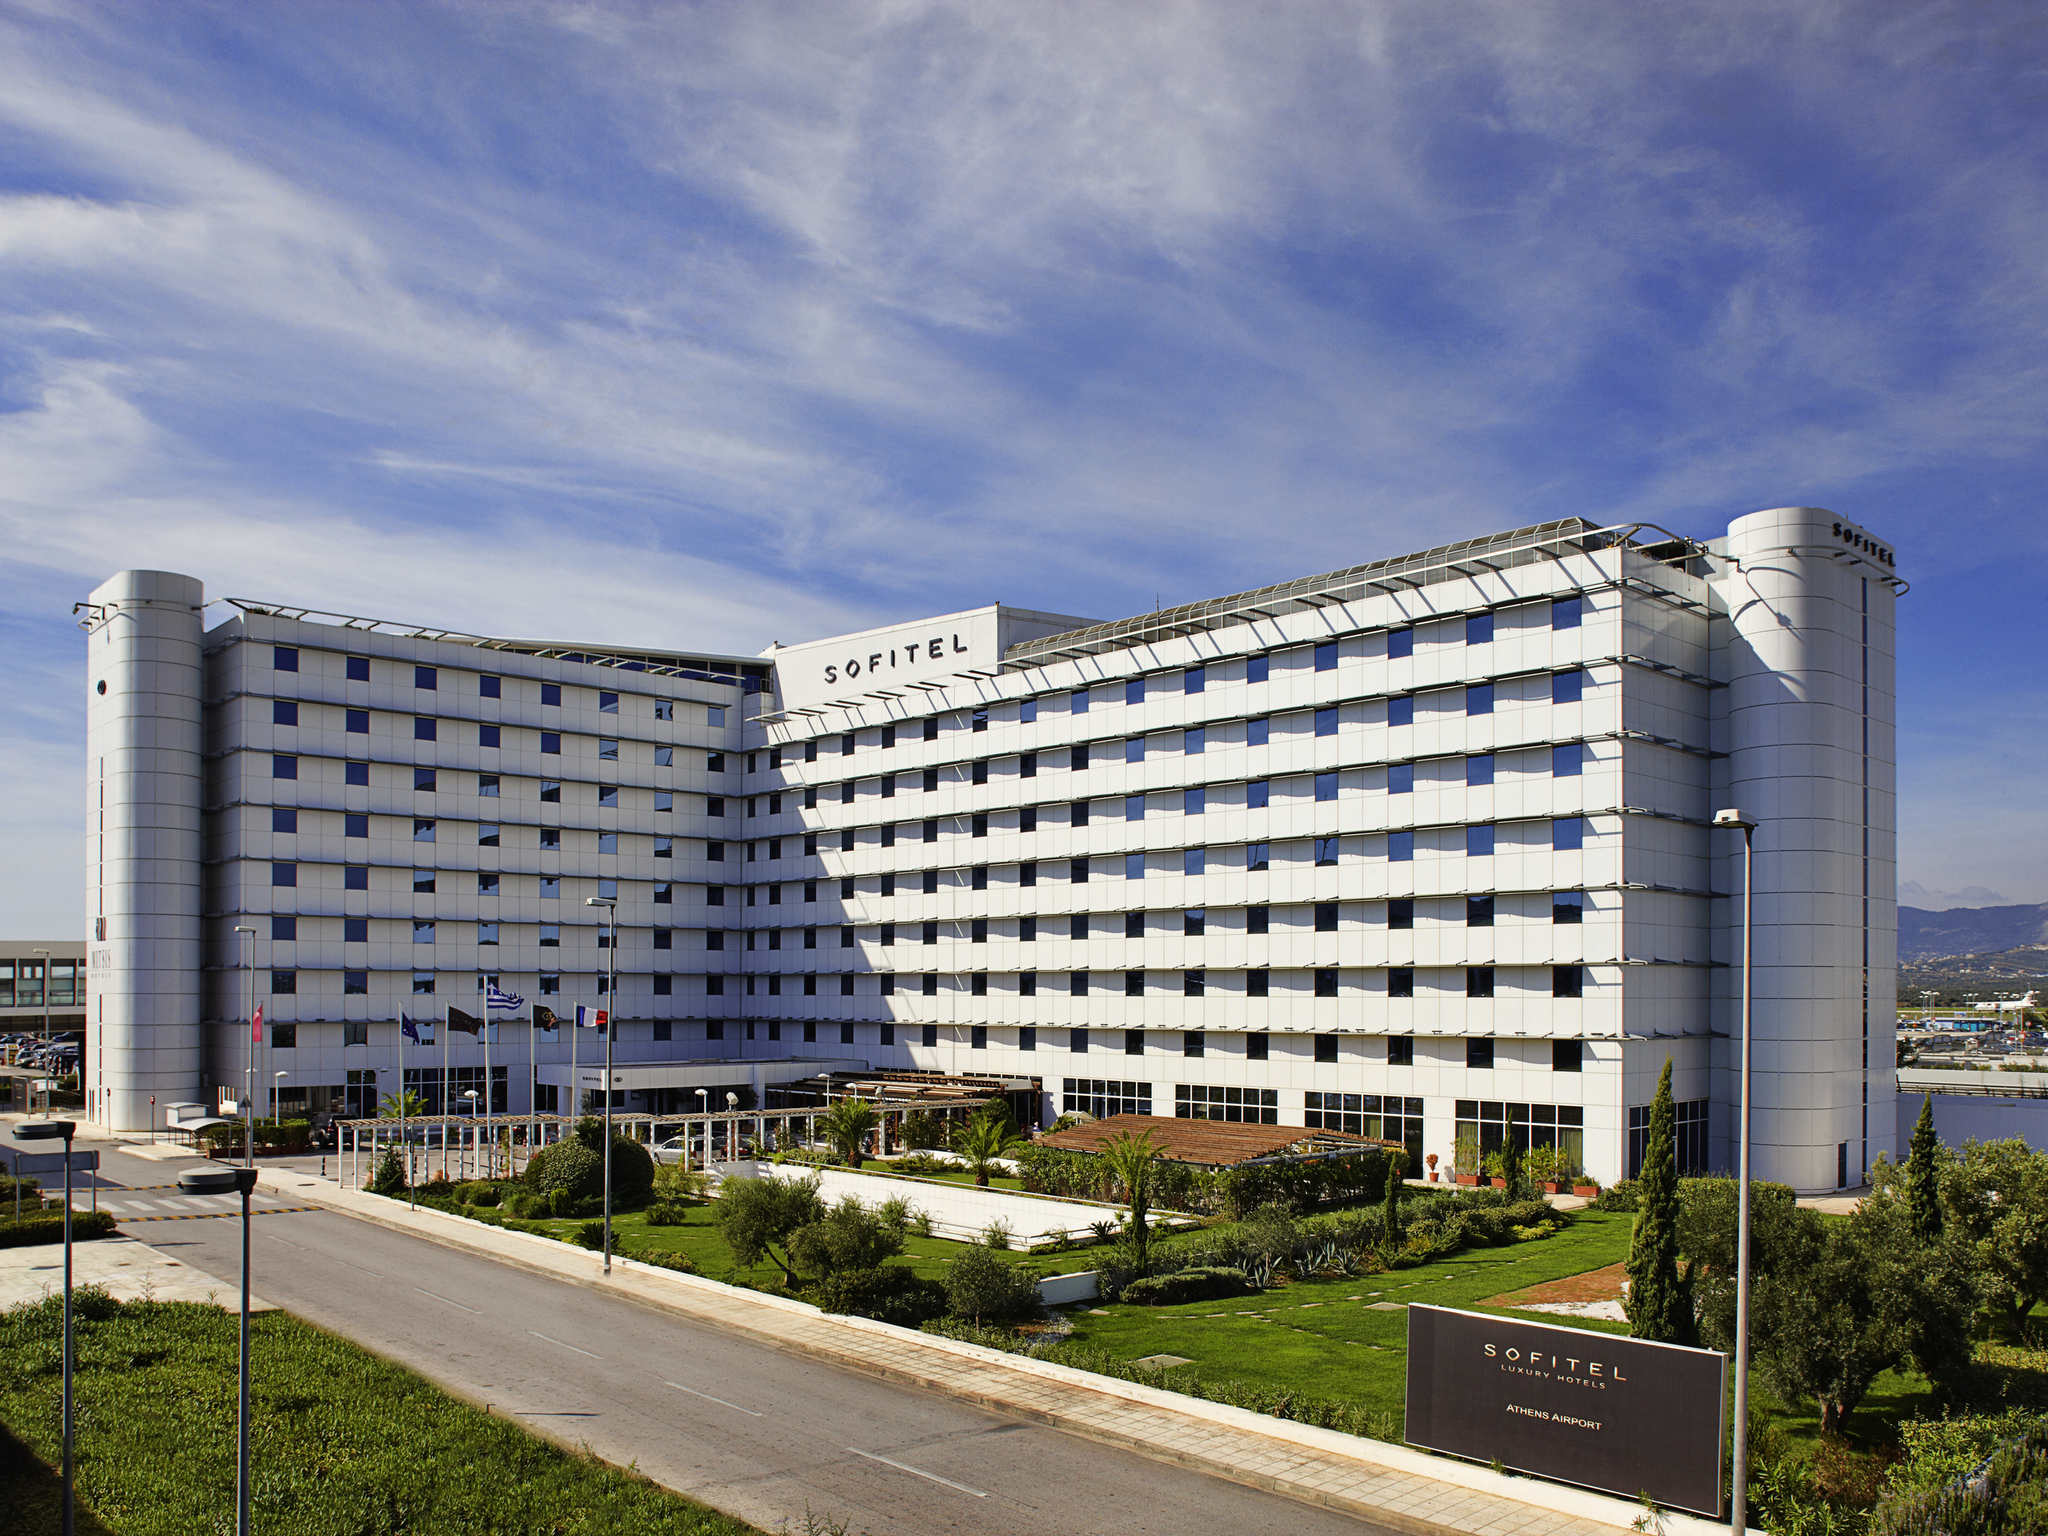 酒店 – 雅典机场索菲特酒店